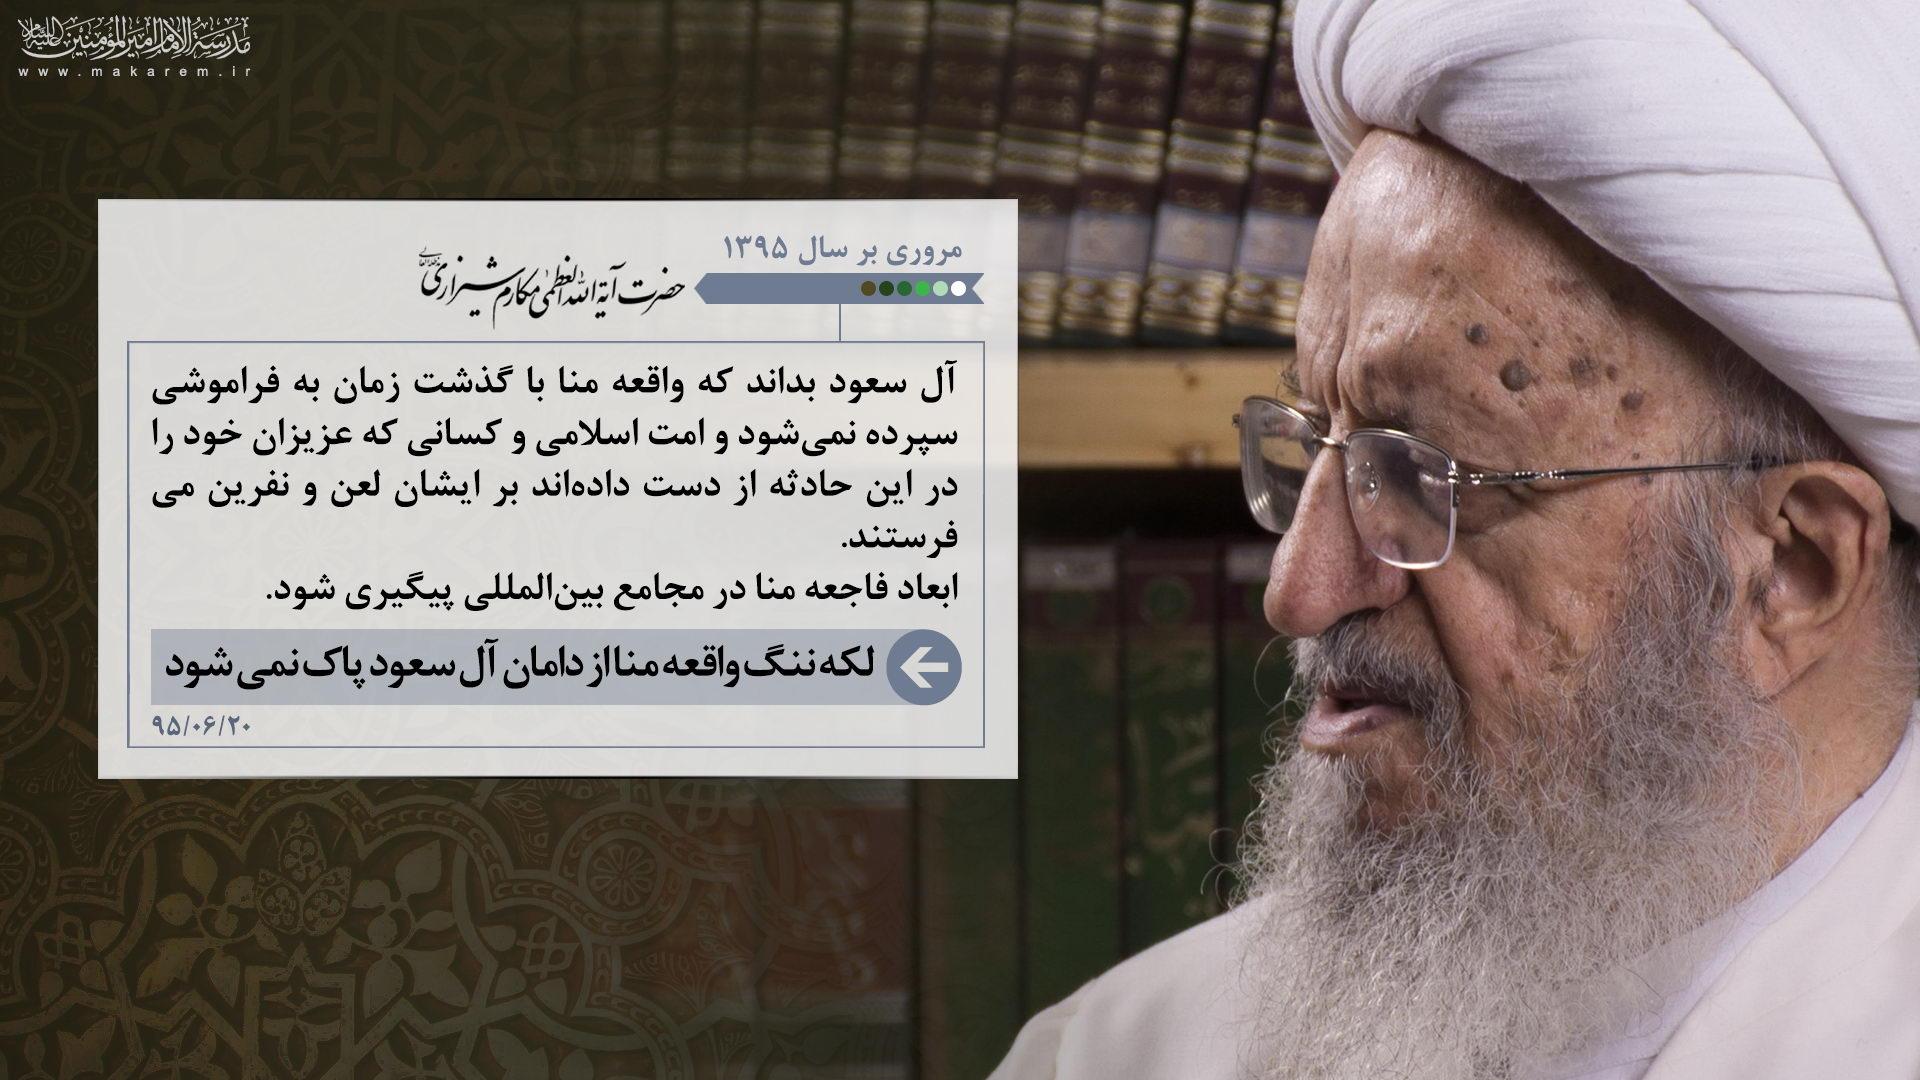 لکه ننگ واقعه منا از دامان آل سعود پاک نمی شود-مدرسه الامام امیر المومنین (ع)